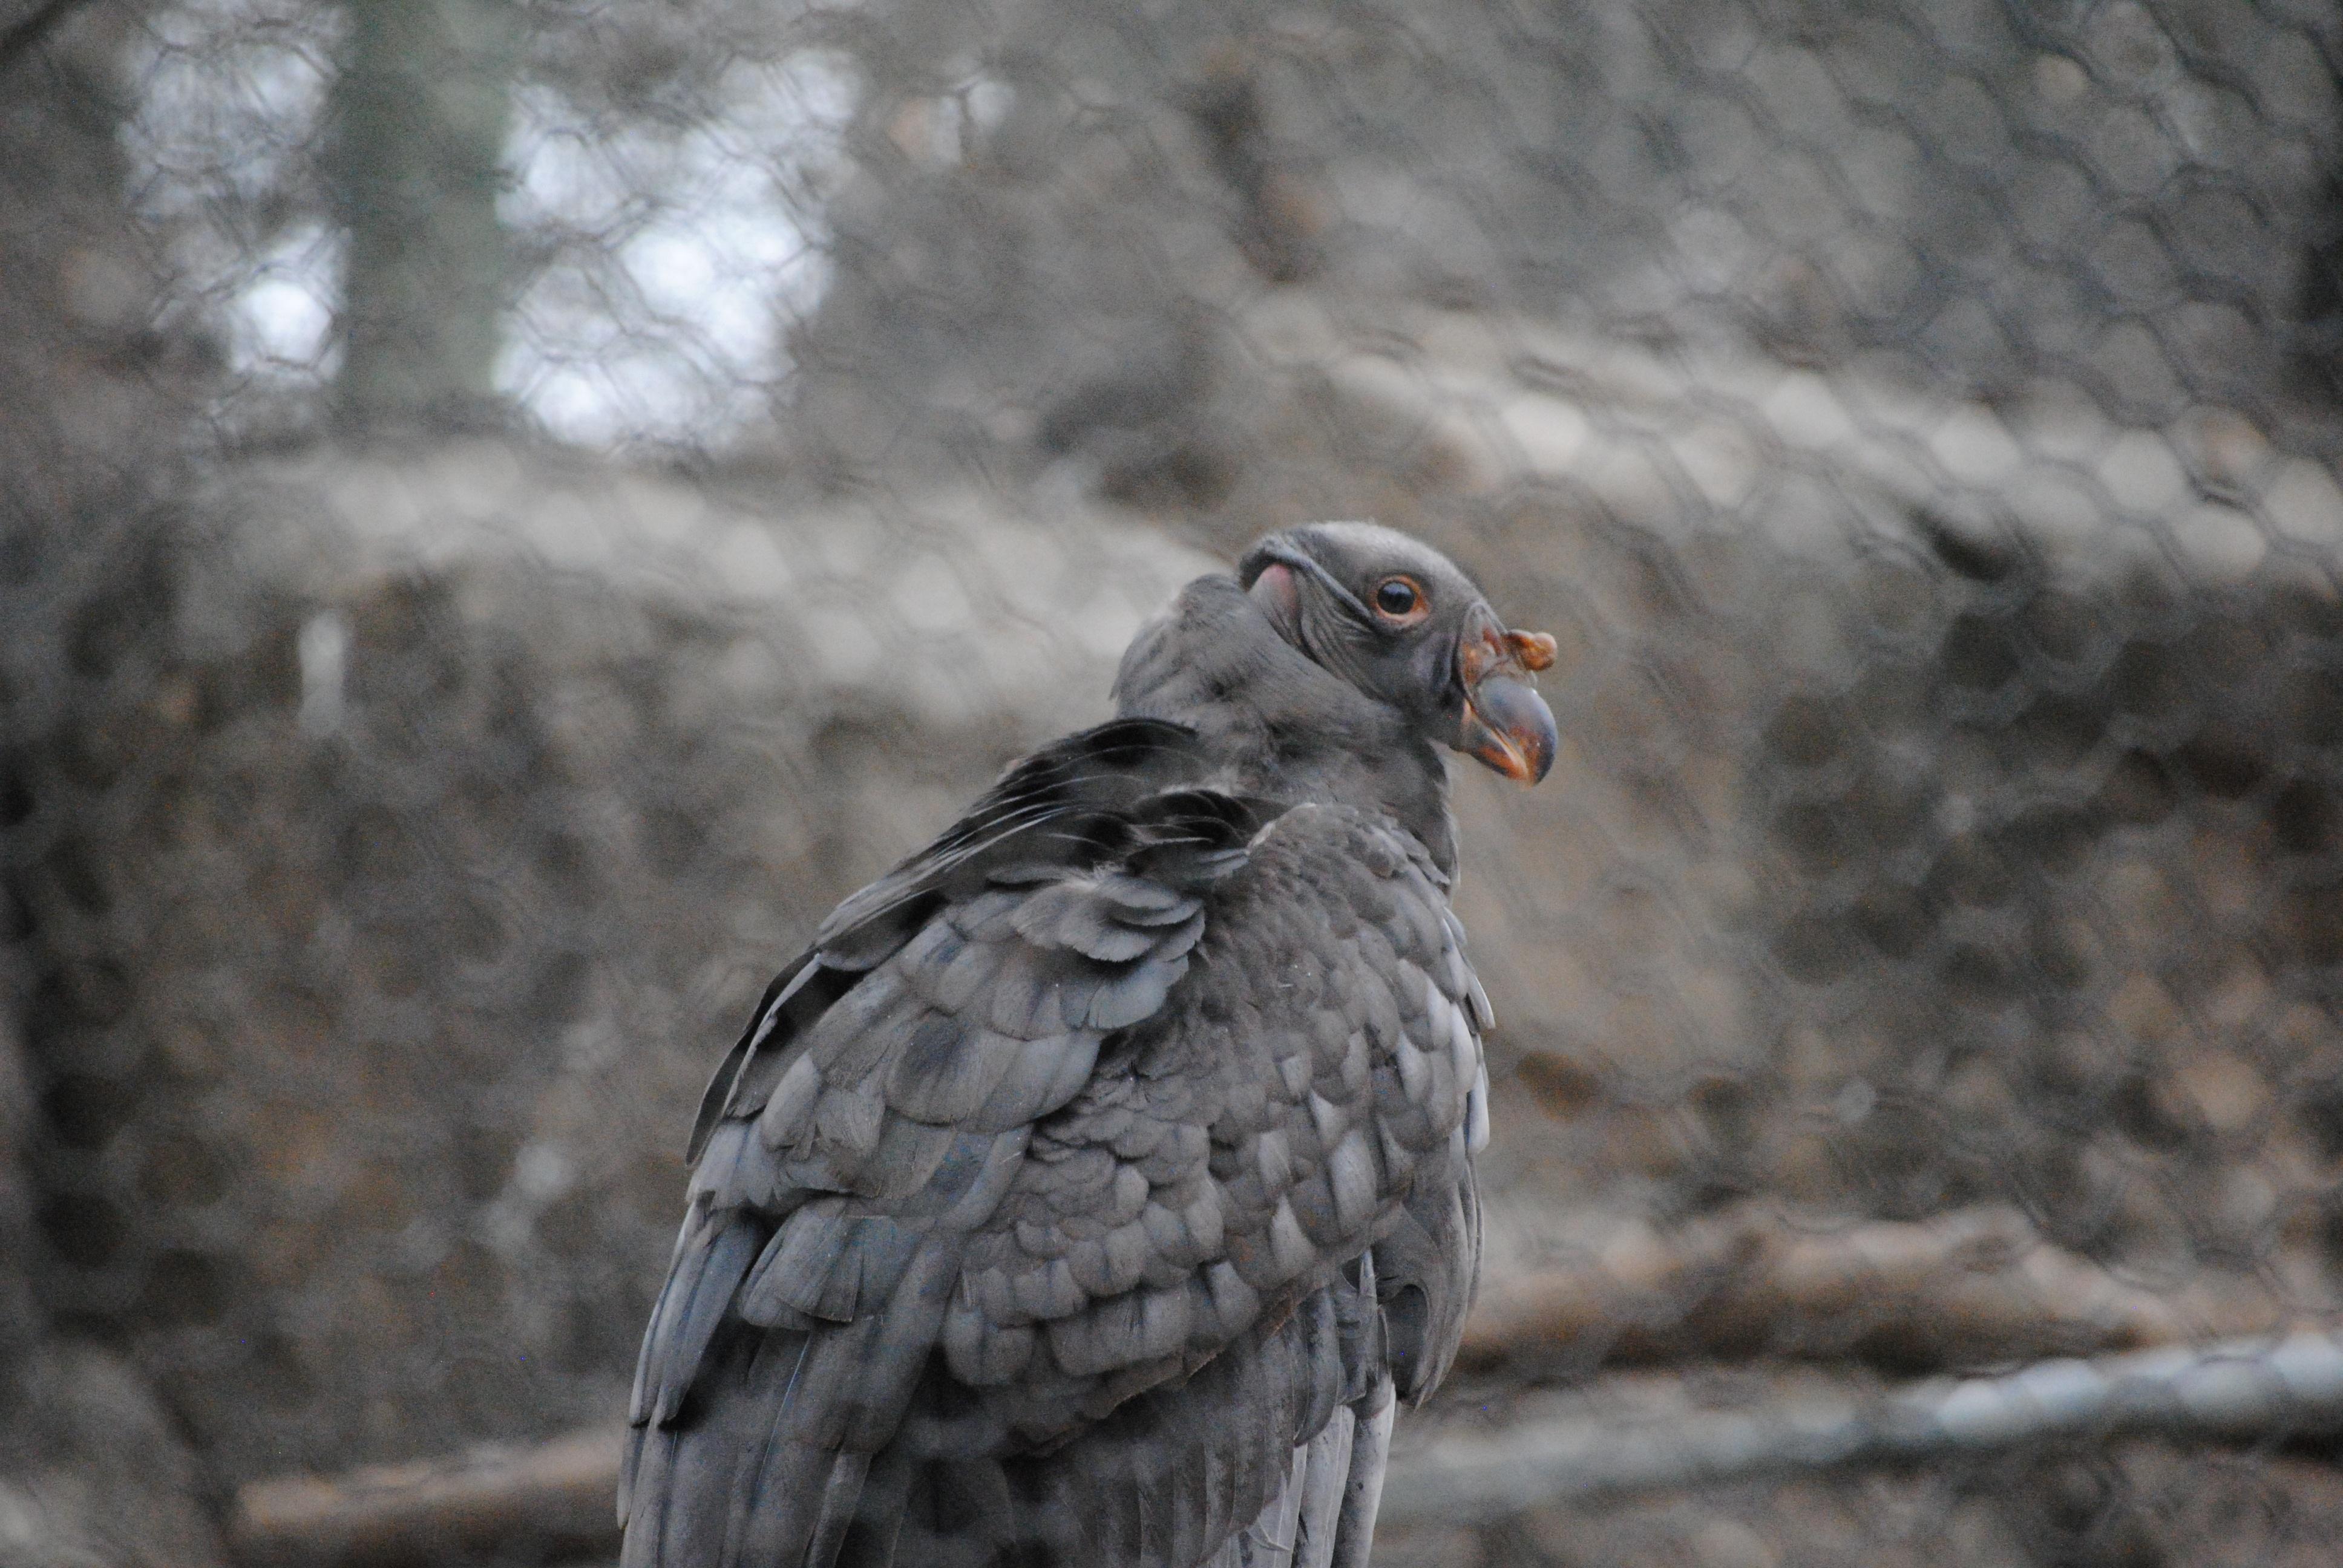 Kostenlose foto : Natur, Silhouette, Vogel, Flügel, Kette, Flucht ...